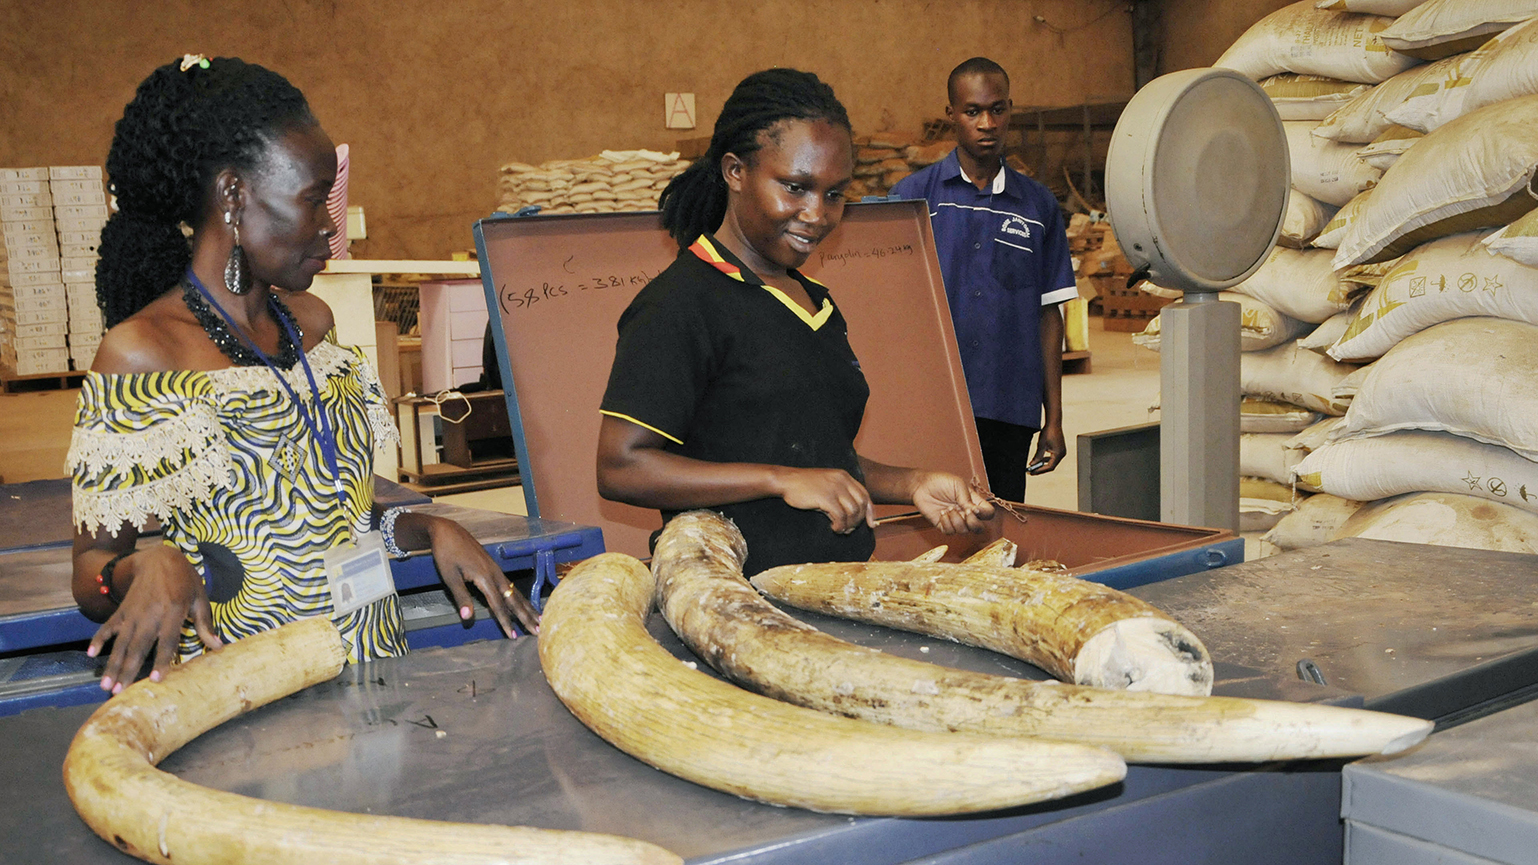 乌干达当局缴获的象牙。(美联社)